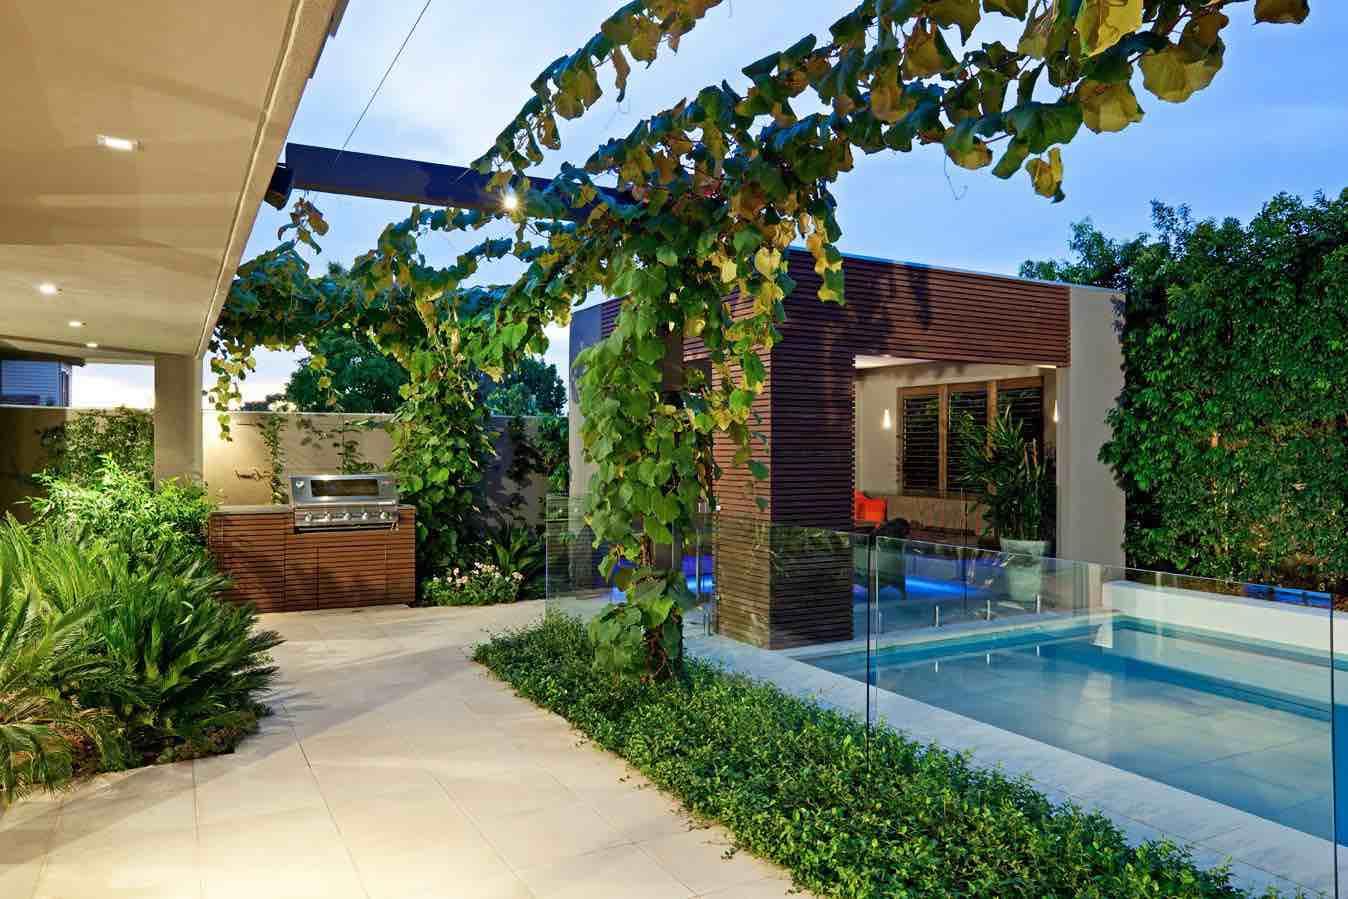 Cách thiết kế sân vườn biệt thự theo phong cách hiện đại - Ảnh 3